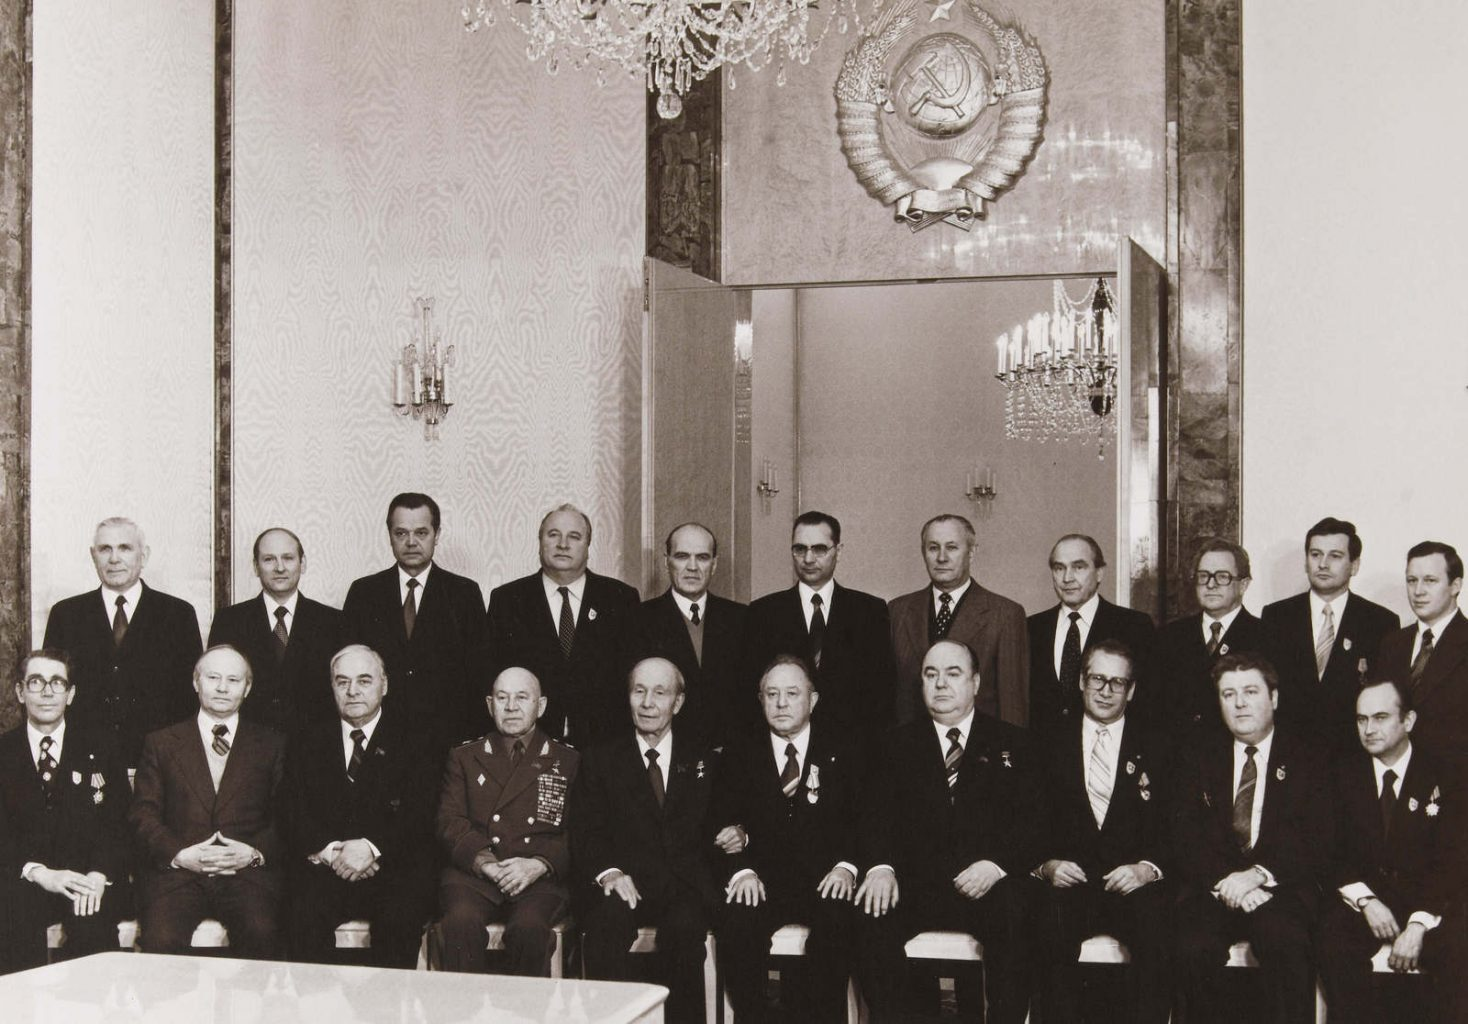 Photographie unique de la visite des chefs de la STASI de RDA (Général Erich MIELKE, Général Markus WOLF, etc.) à Moscou (URSS) durant l'hiver 1980